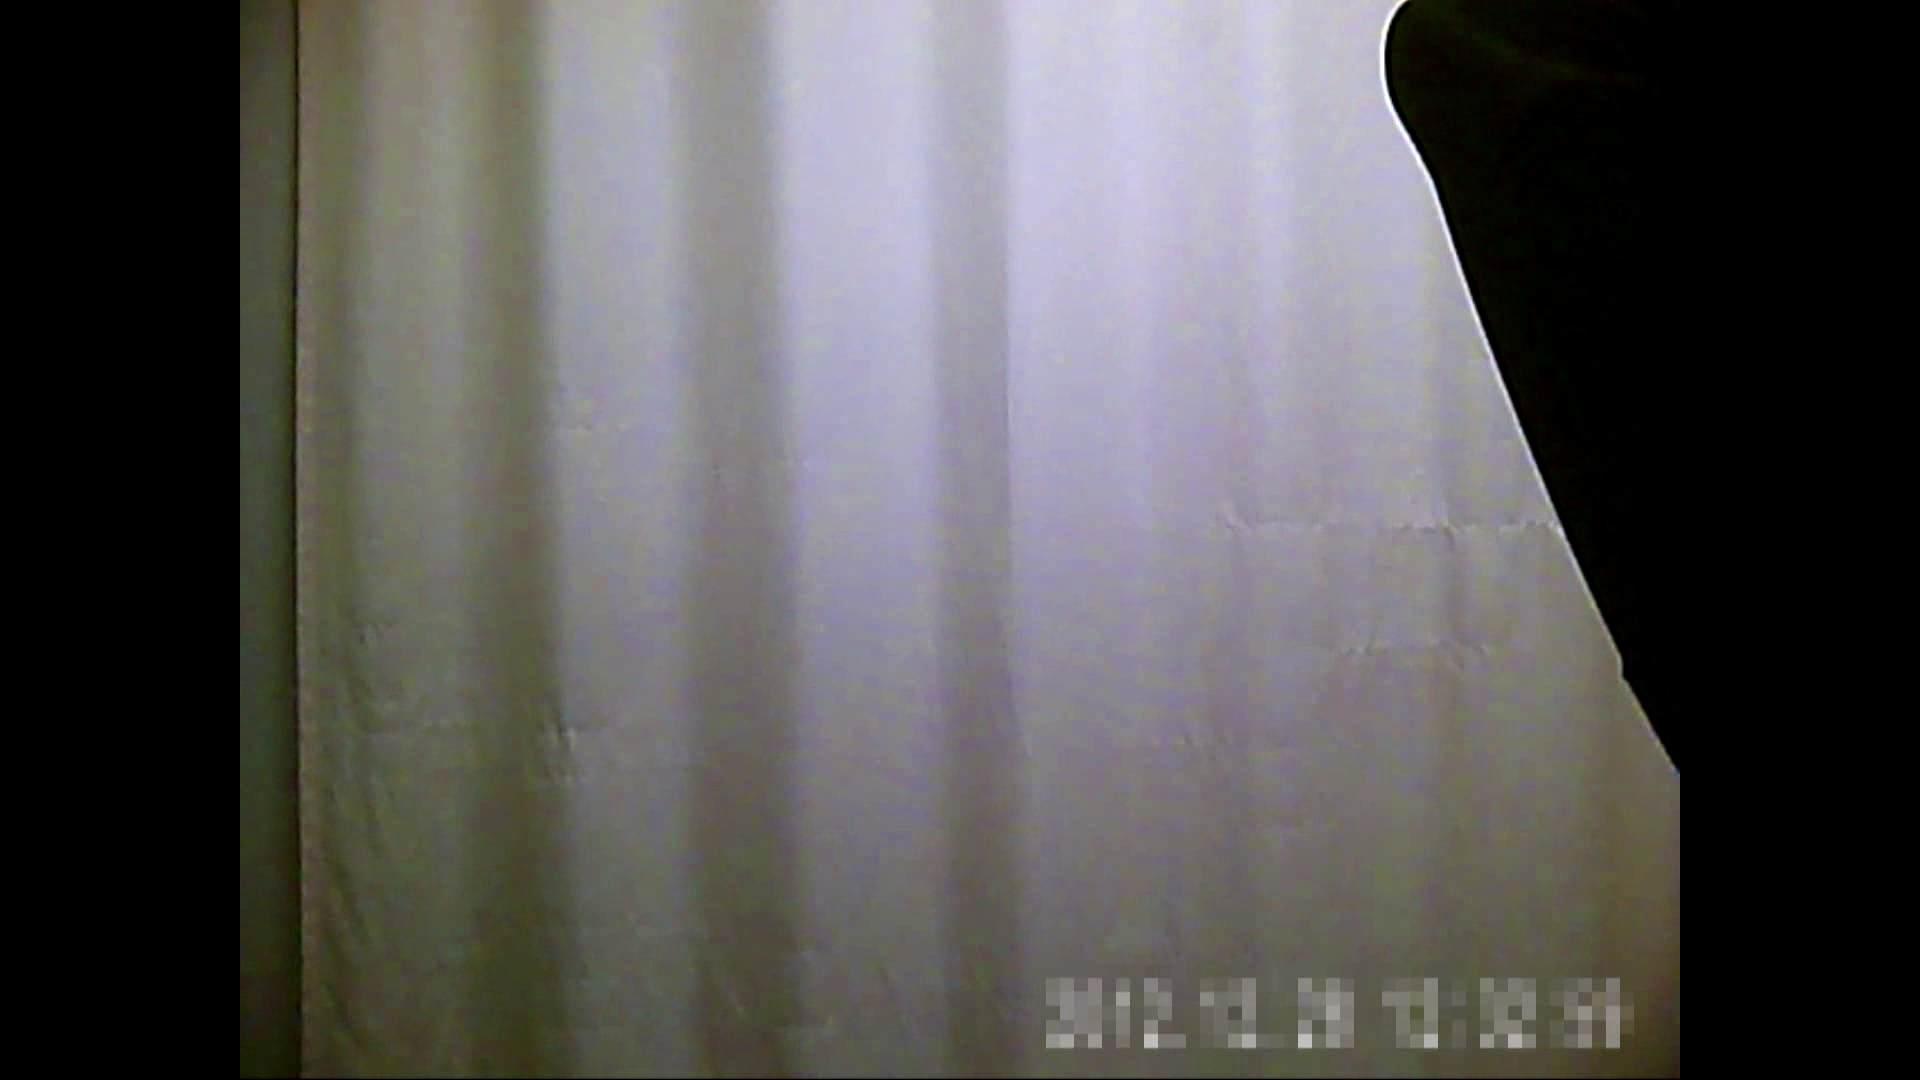 元医者による反抗 更衣室地獄絵巻 vol.110 盛合せ | 0  57画像 25